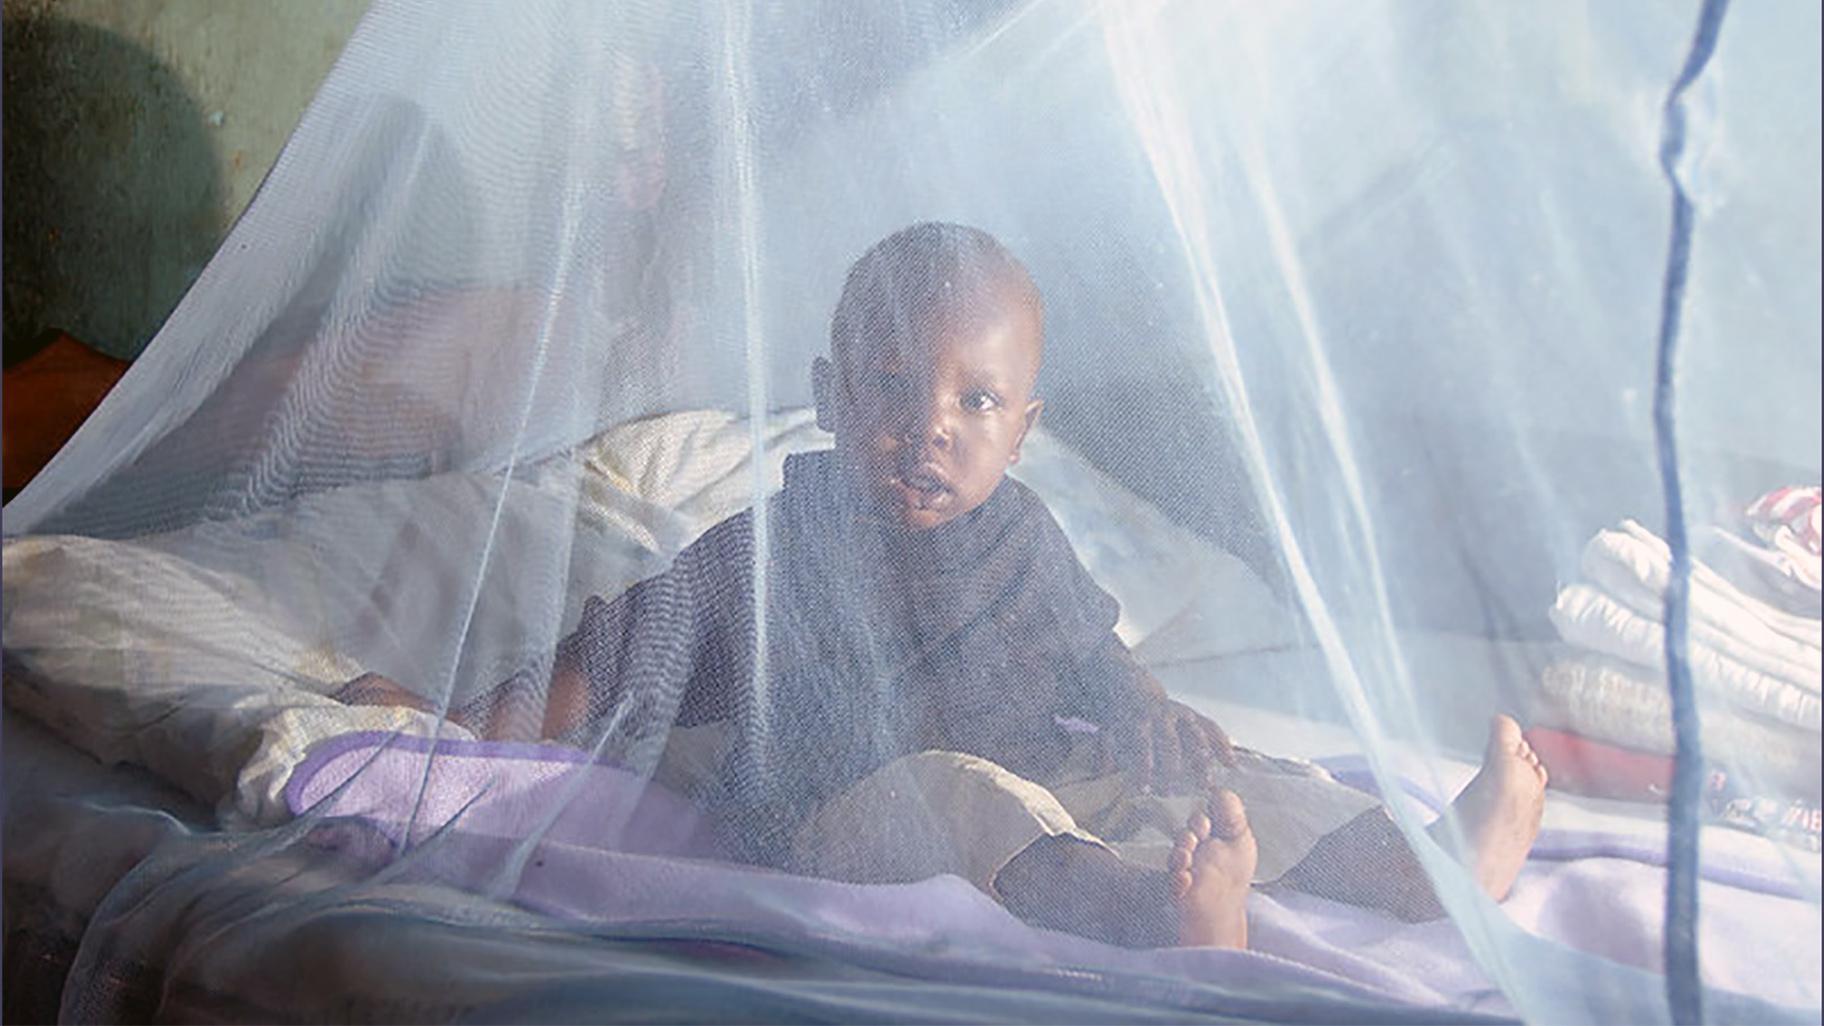 Москитная сетка, используемая для защиты от малярии в Кении (любезно предоставлено Томасом Омонди / Департамент международного развития Великобритании)